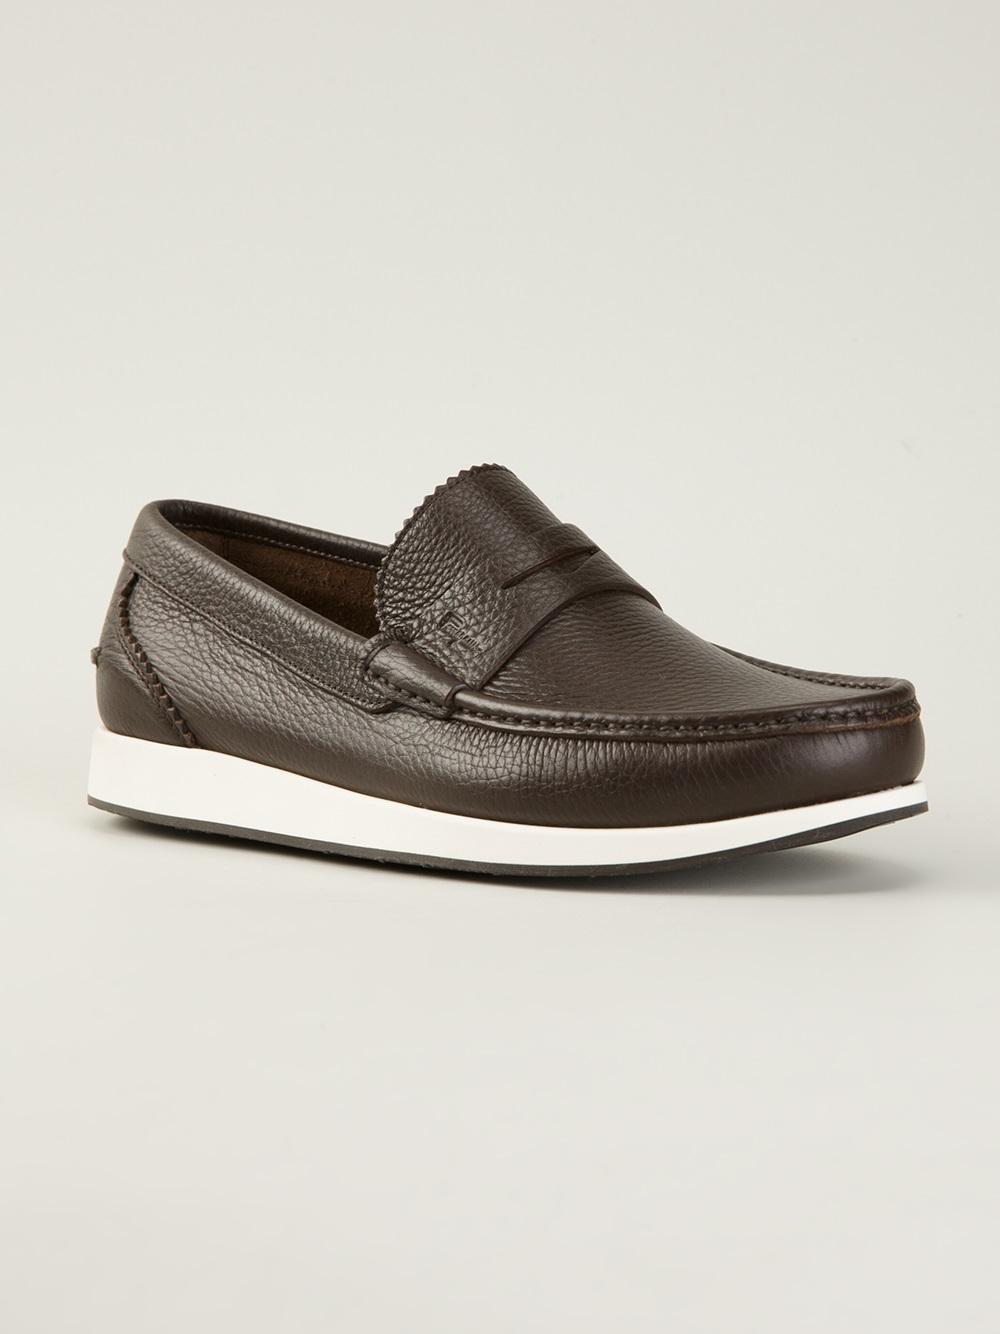 Ferragamo White Sole Loafers in Brown